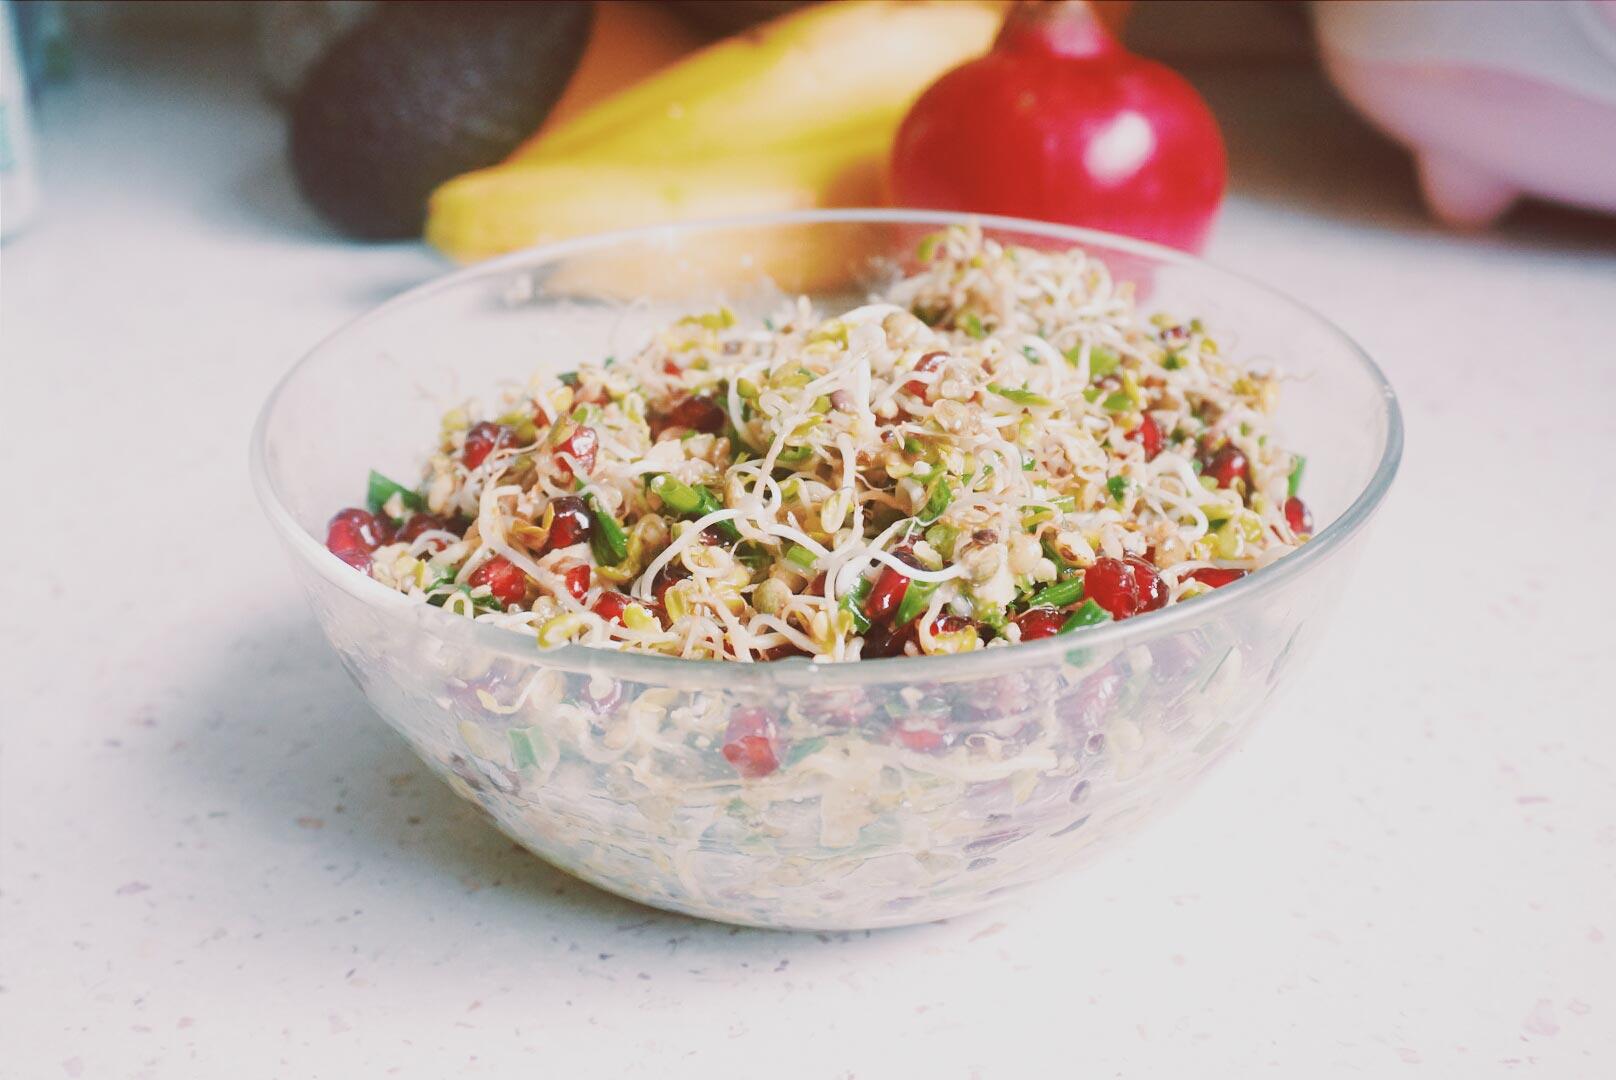 recette vegan salade de graines germ es la grenade. Black Bedroom Furniture Sets. Home Design Ideas